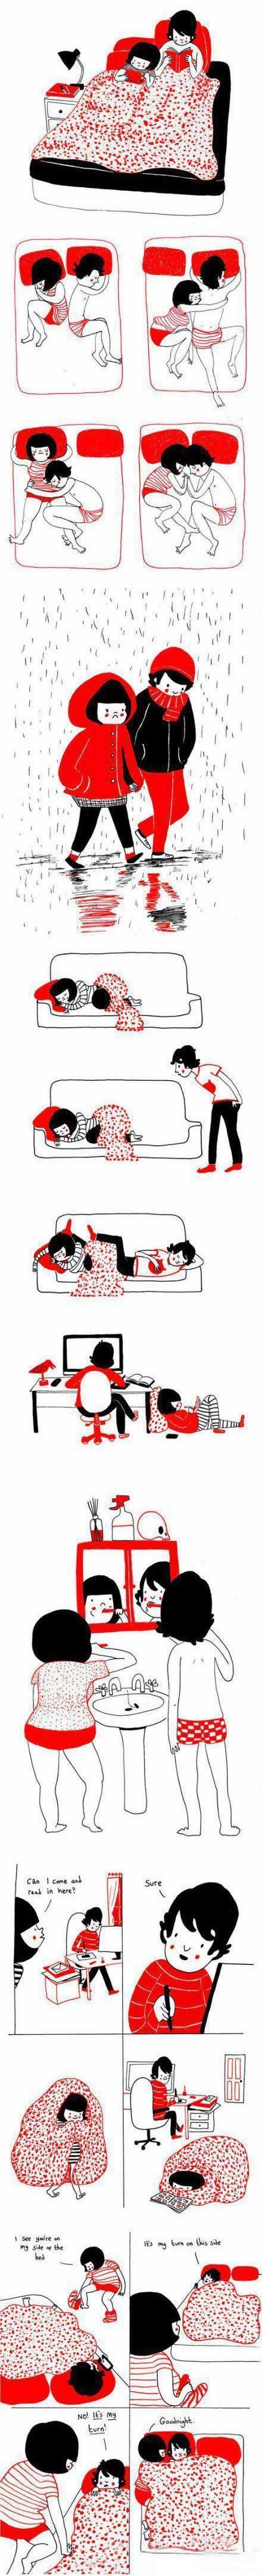 爱情就是这些美妙的小事